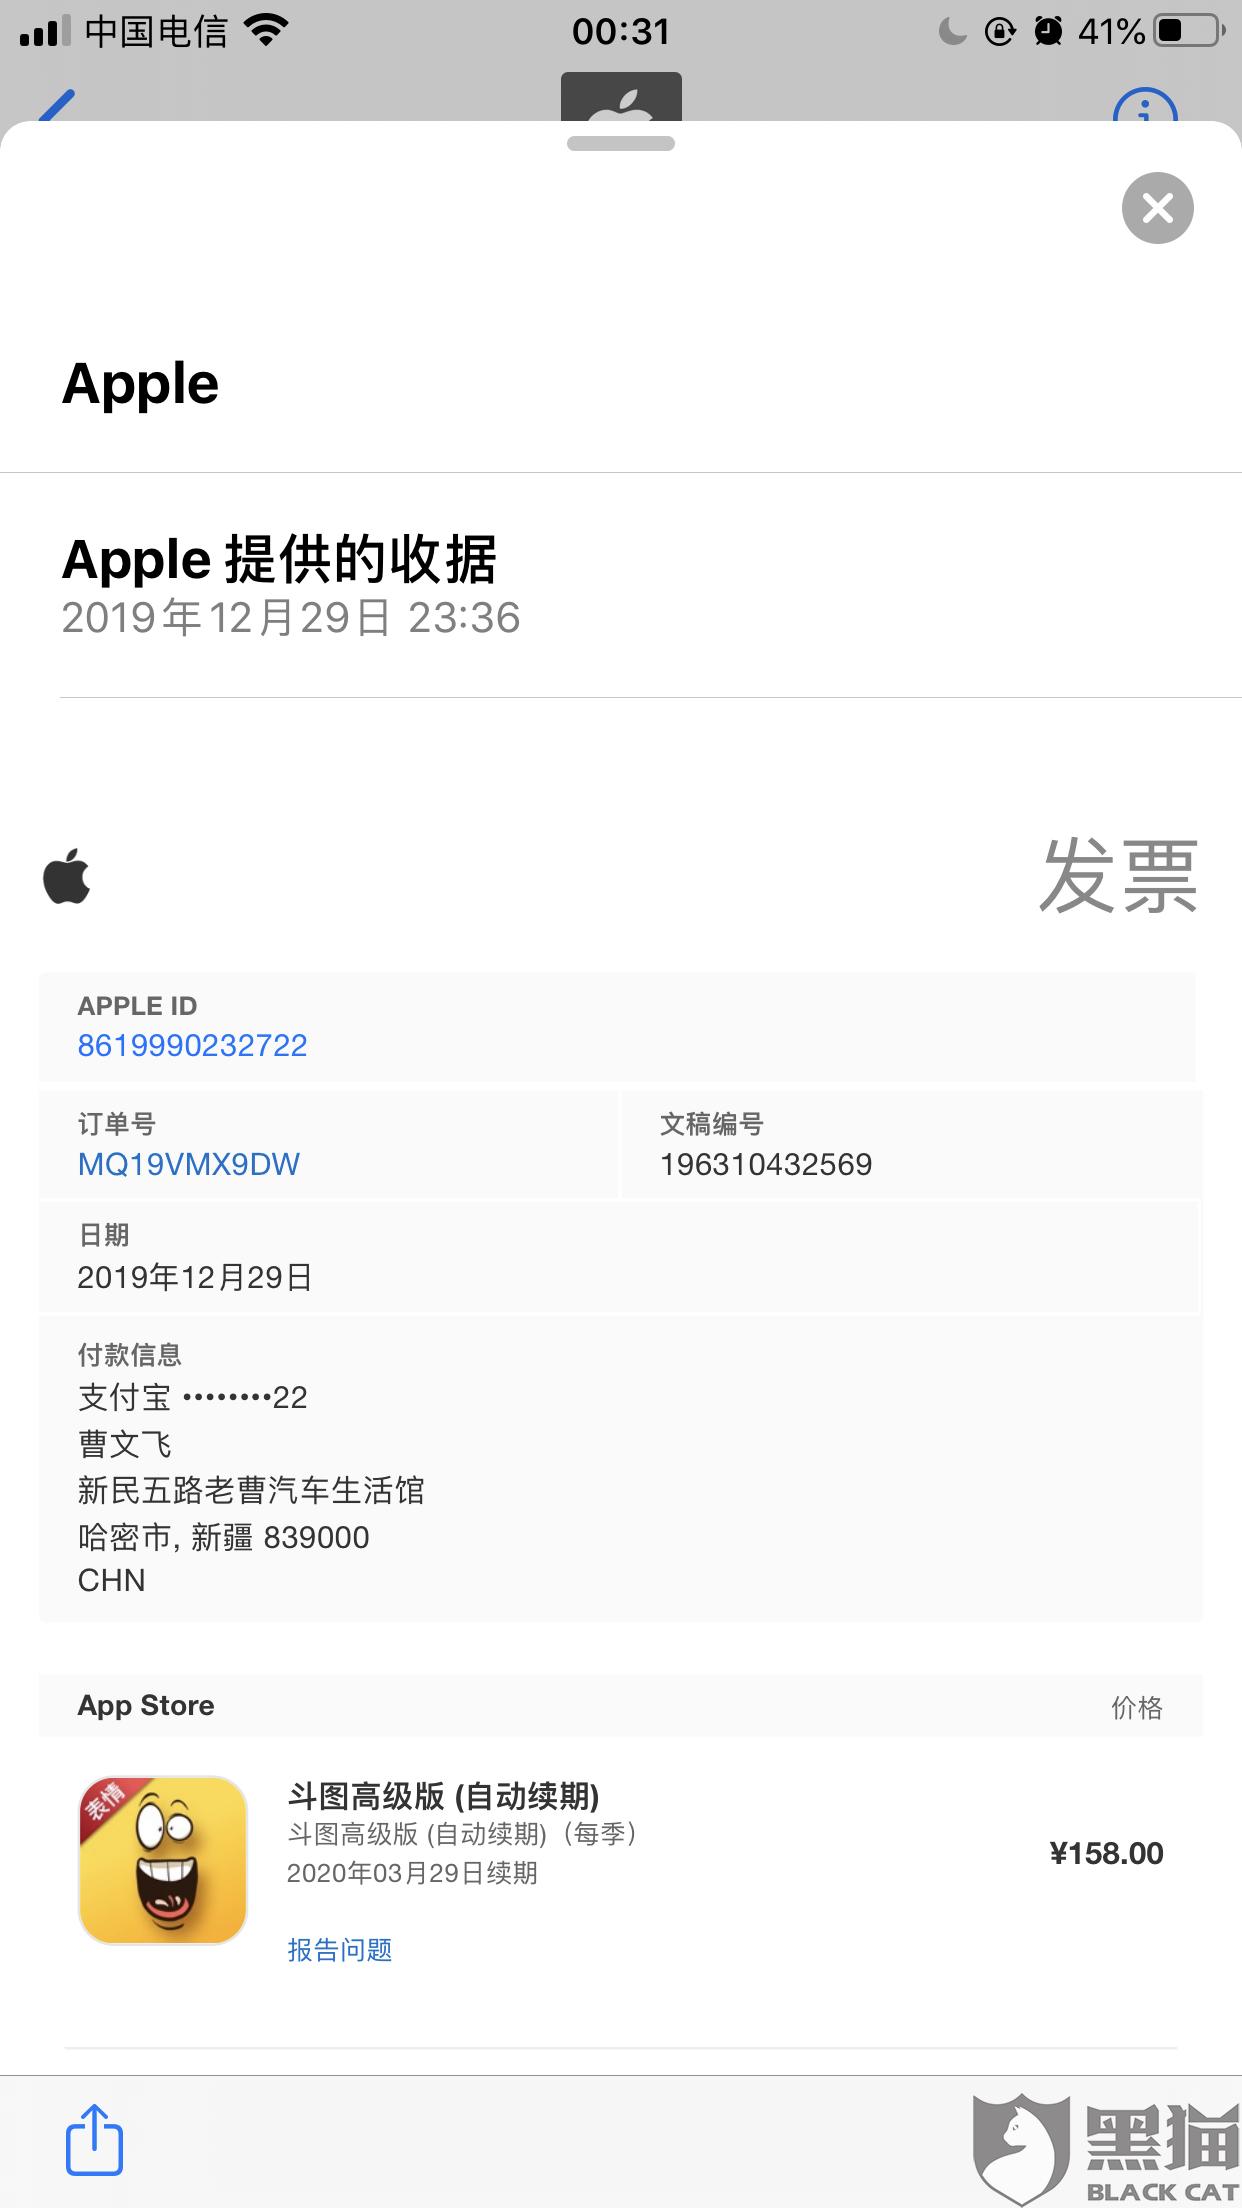 """黑猫投诉:最近在app store下载了一款""""名为斗图神器的软件恶意扣款"""